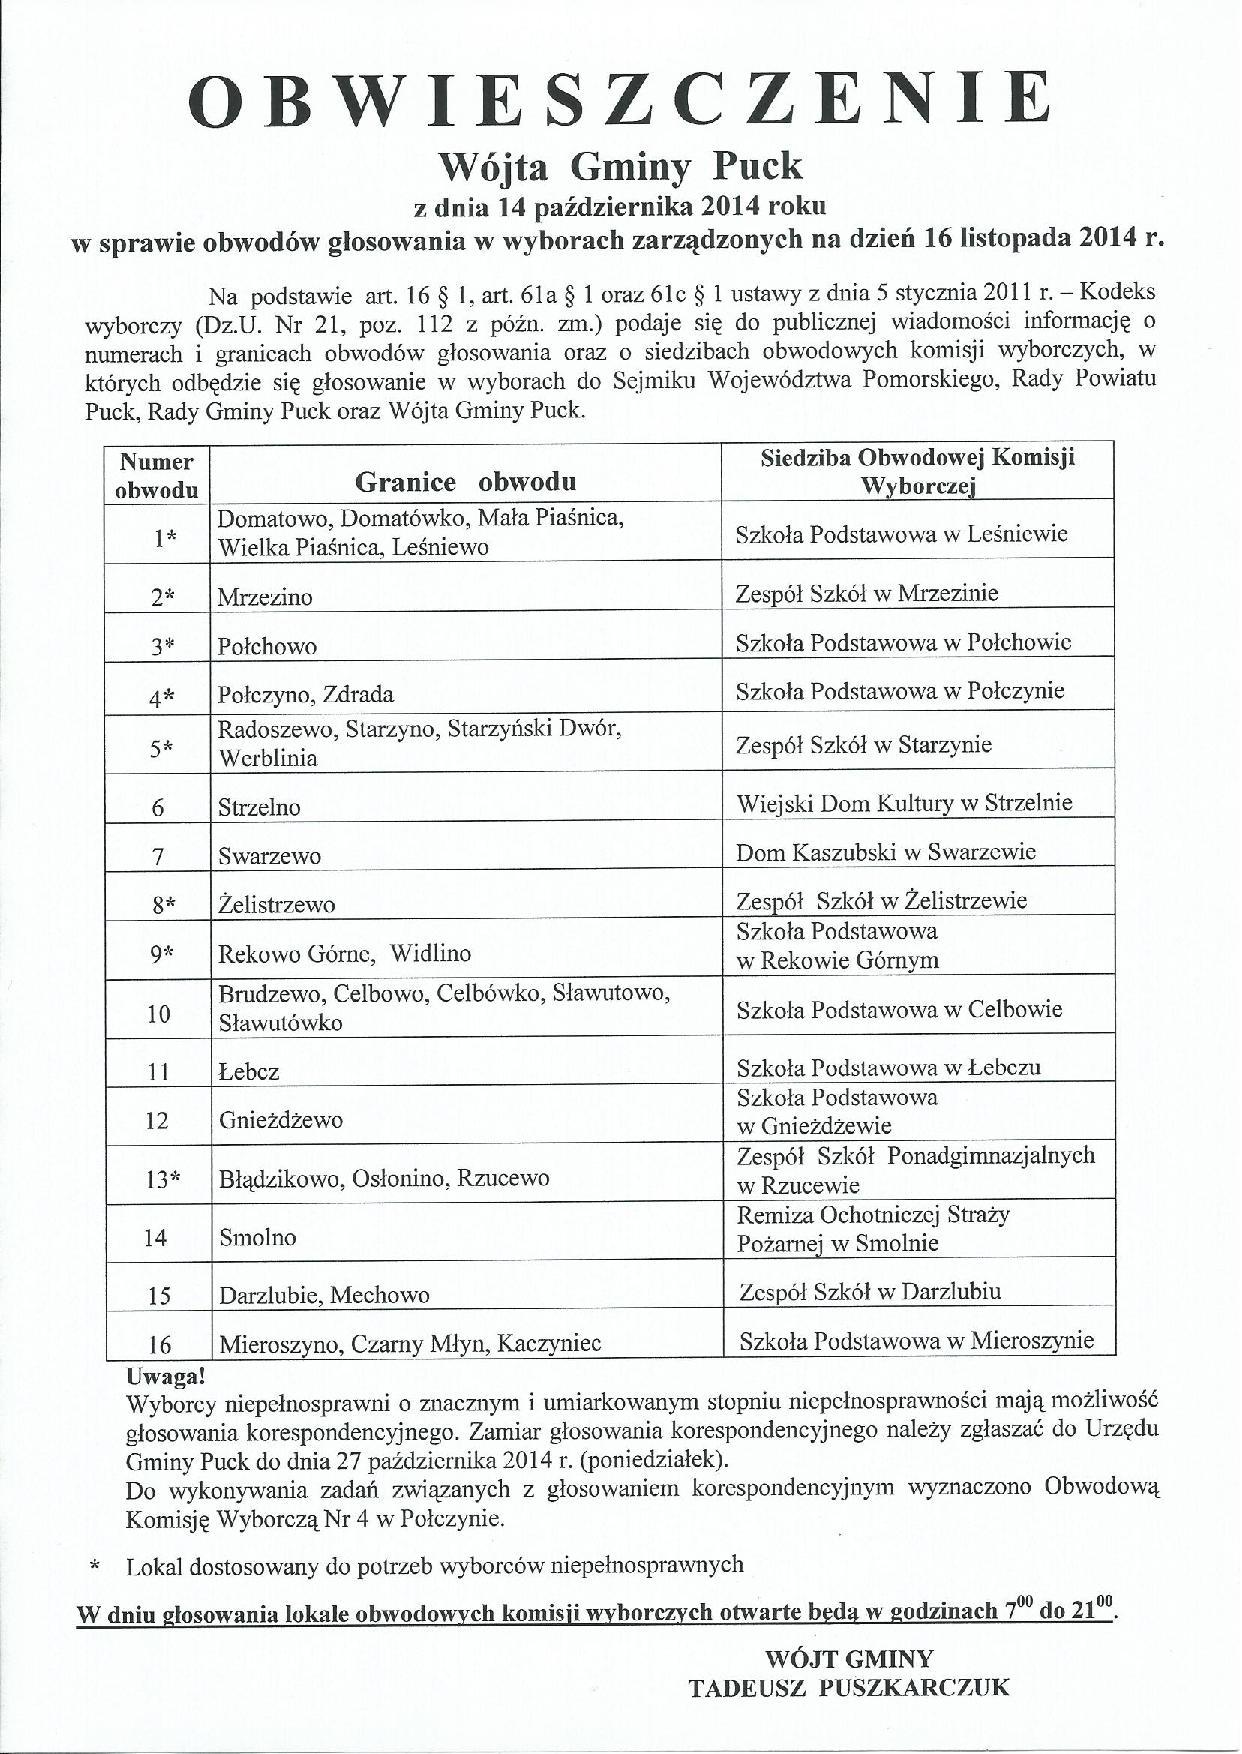 Obwieszczenie Wójta Gminy Puck 14.10.2014 r. obwody głosowania-page-001